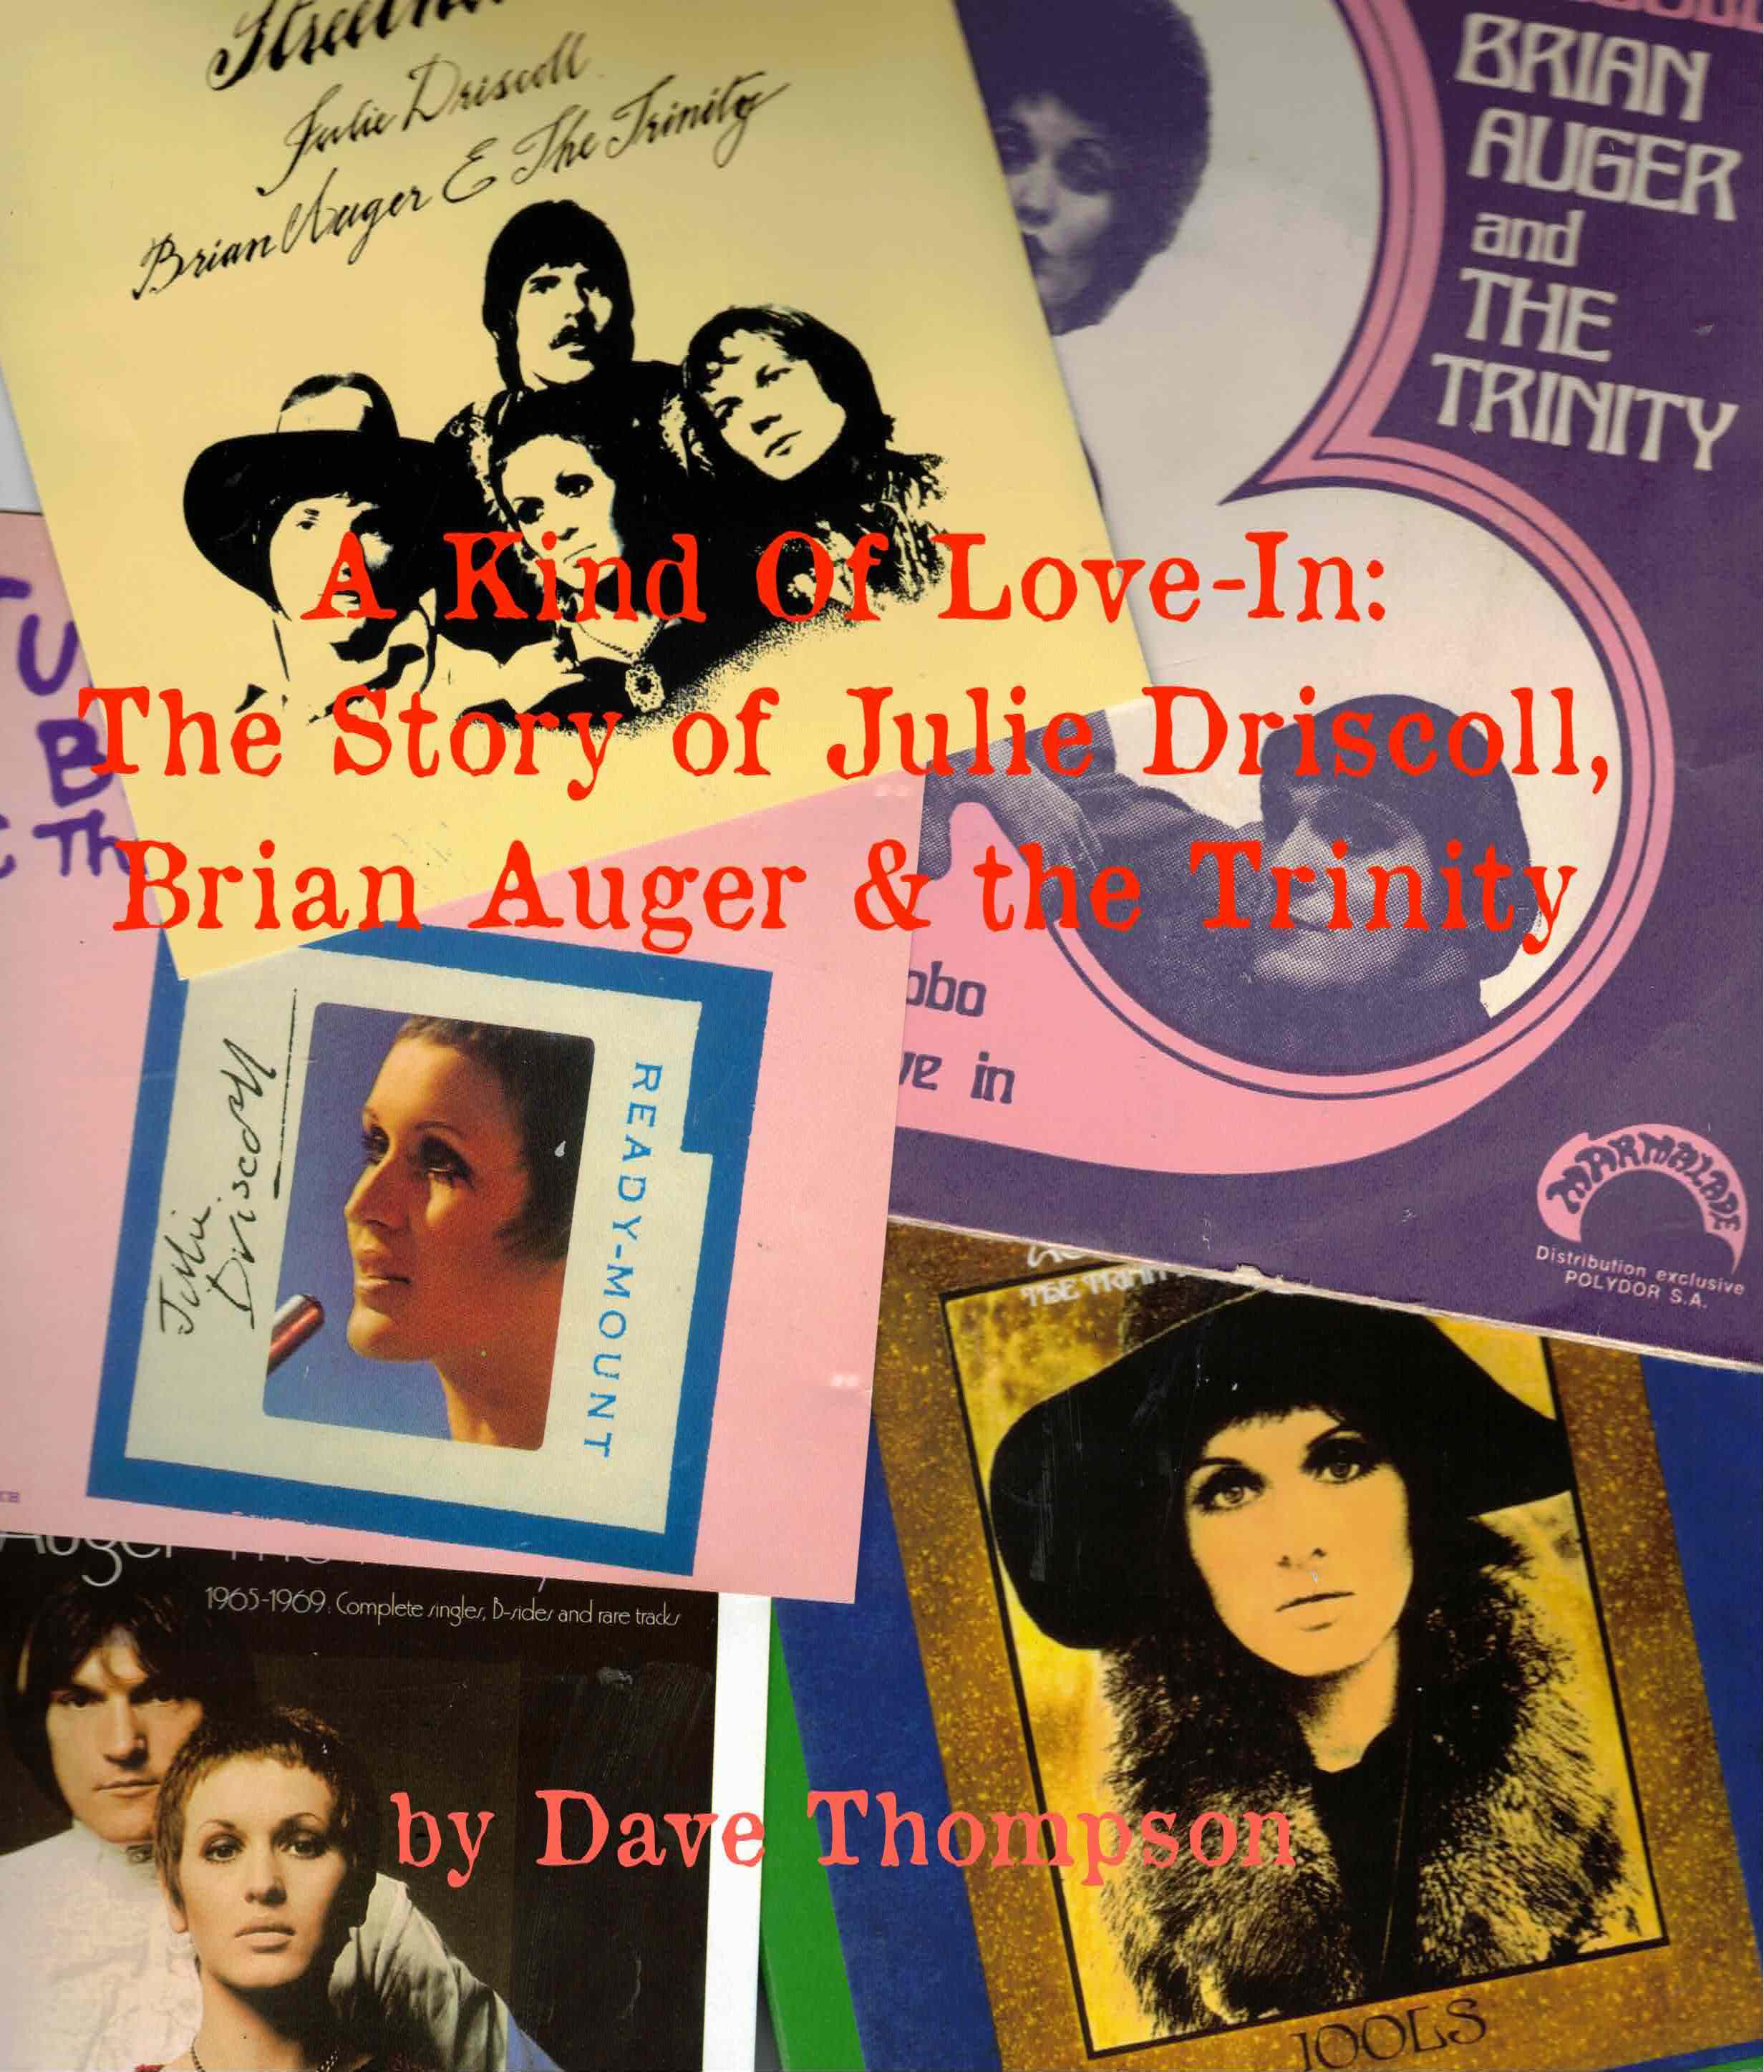 Driscoll cover